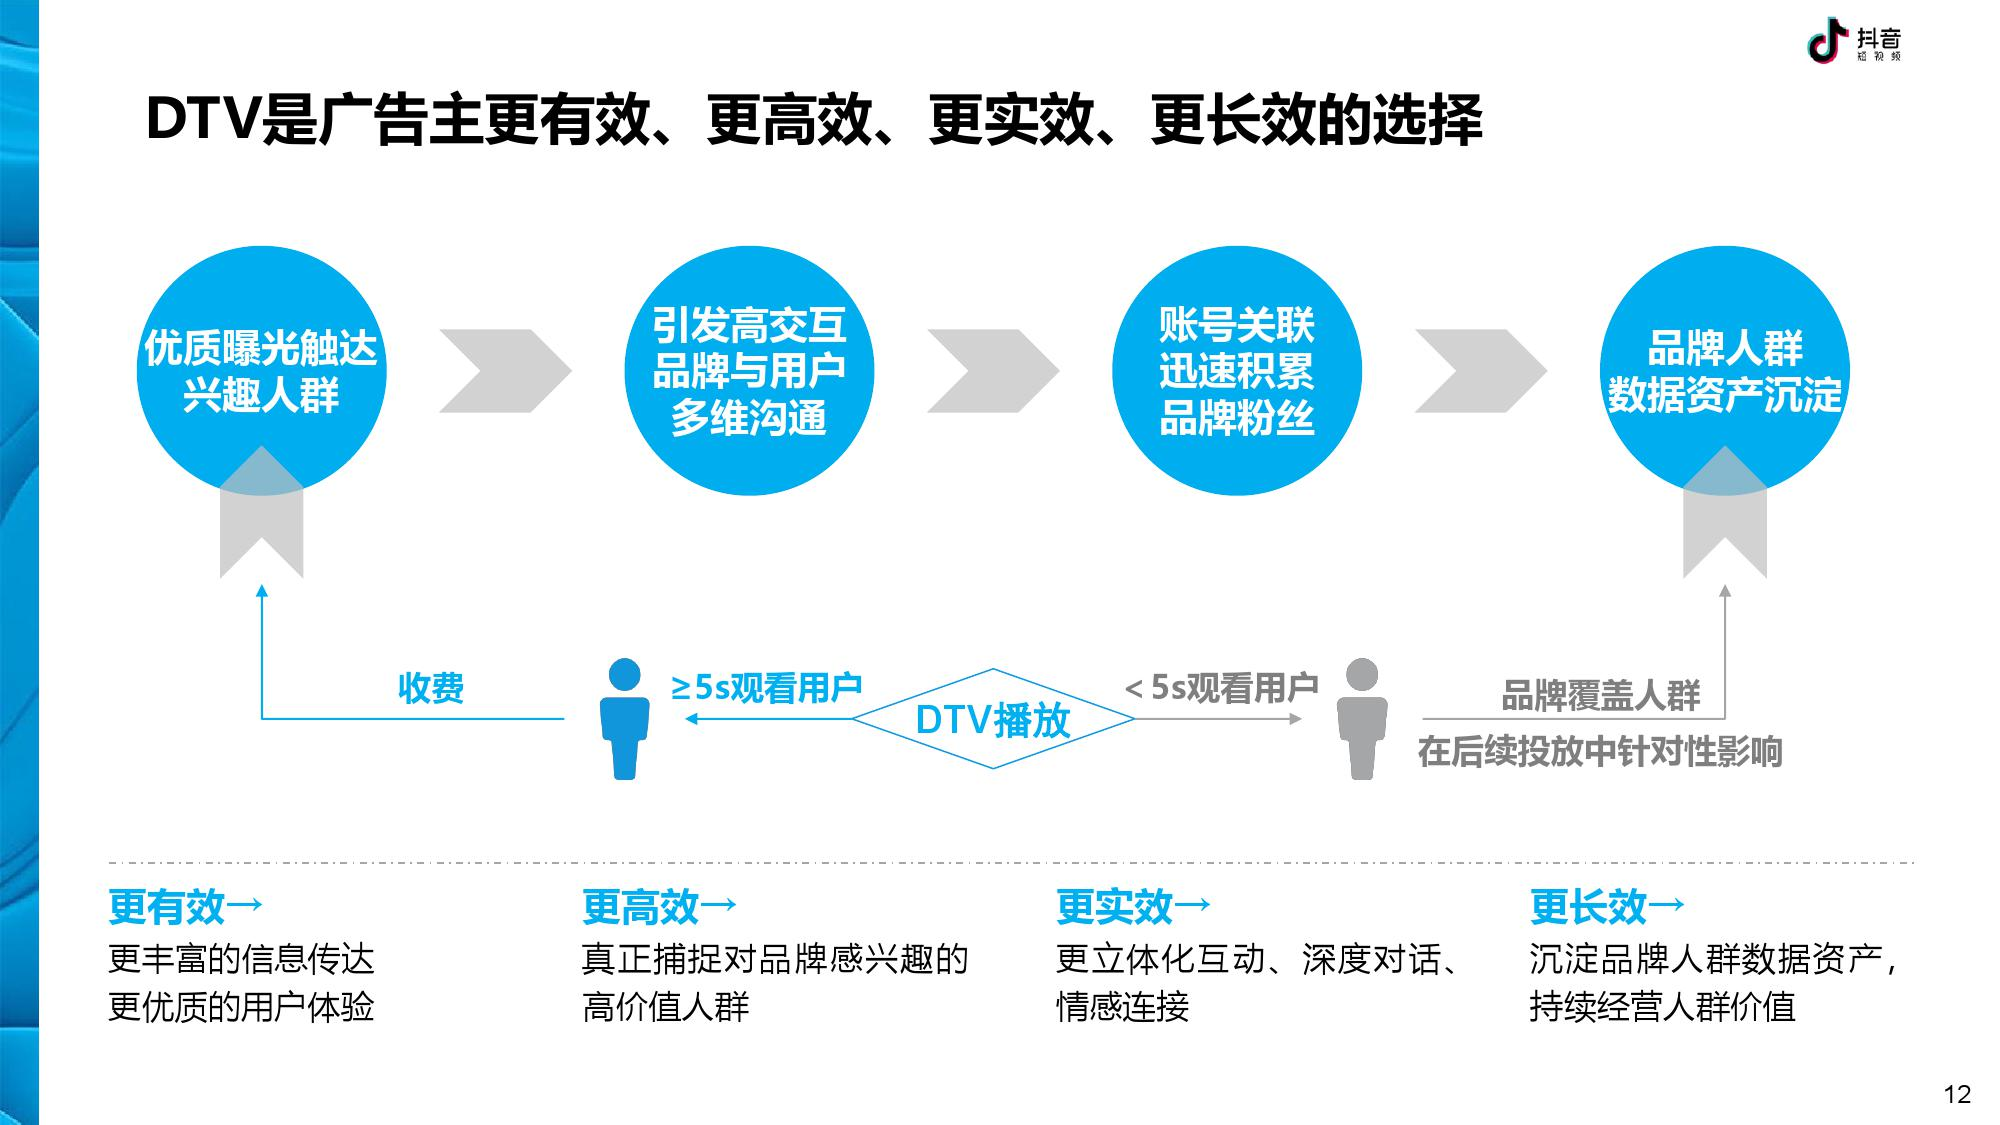 抖音 DTV 广告营销价值白皮书-CNMOAD 中文移动营销资讯 12